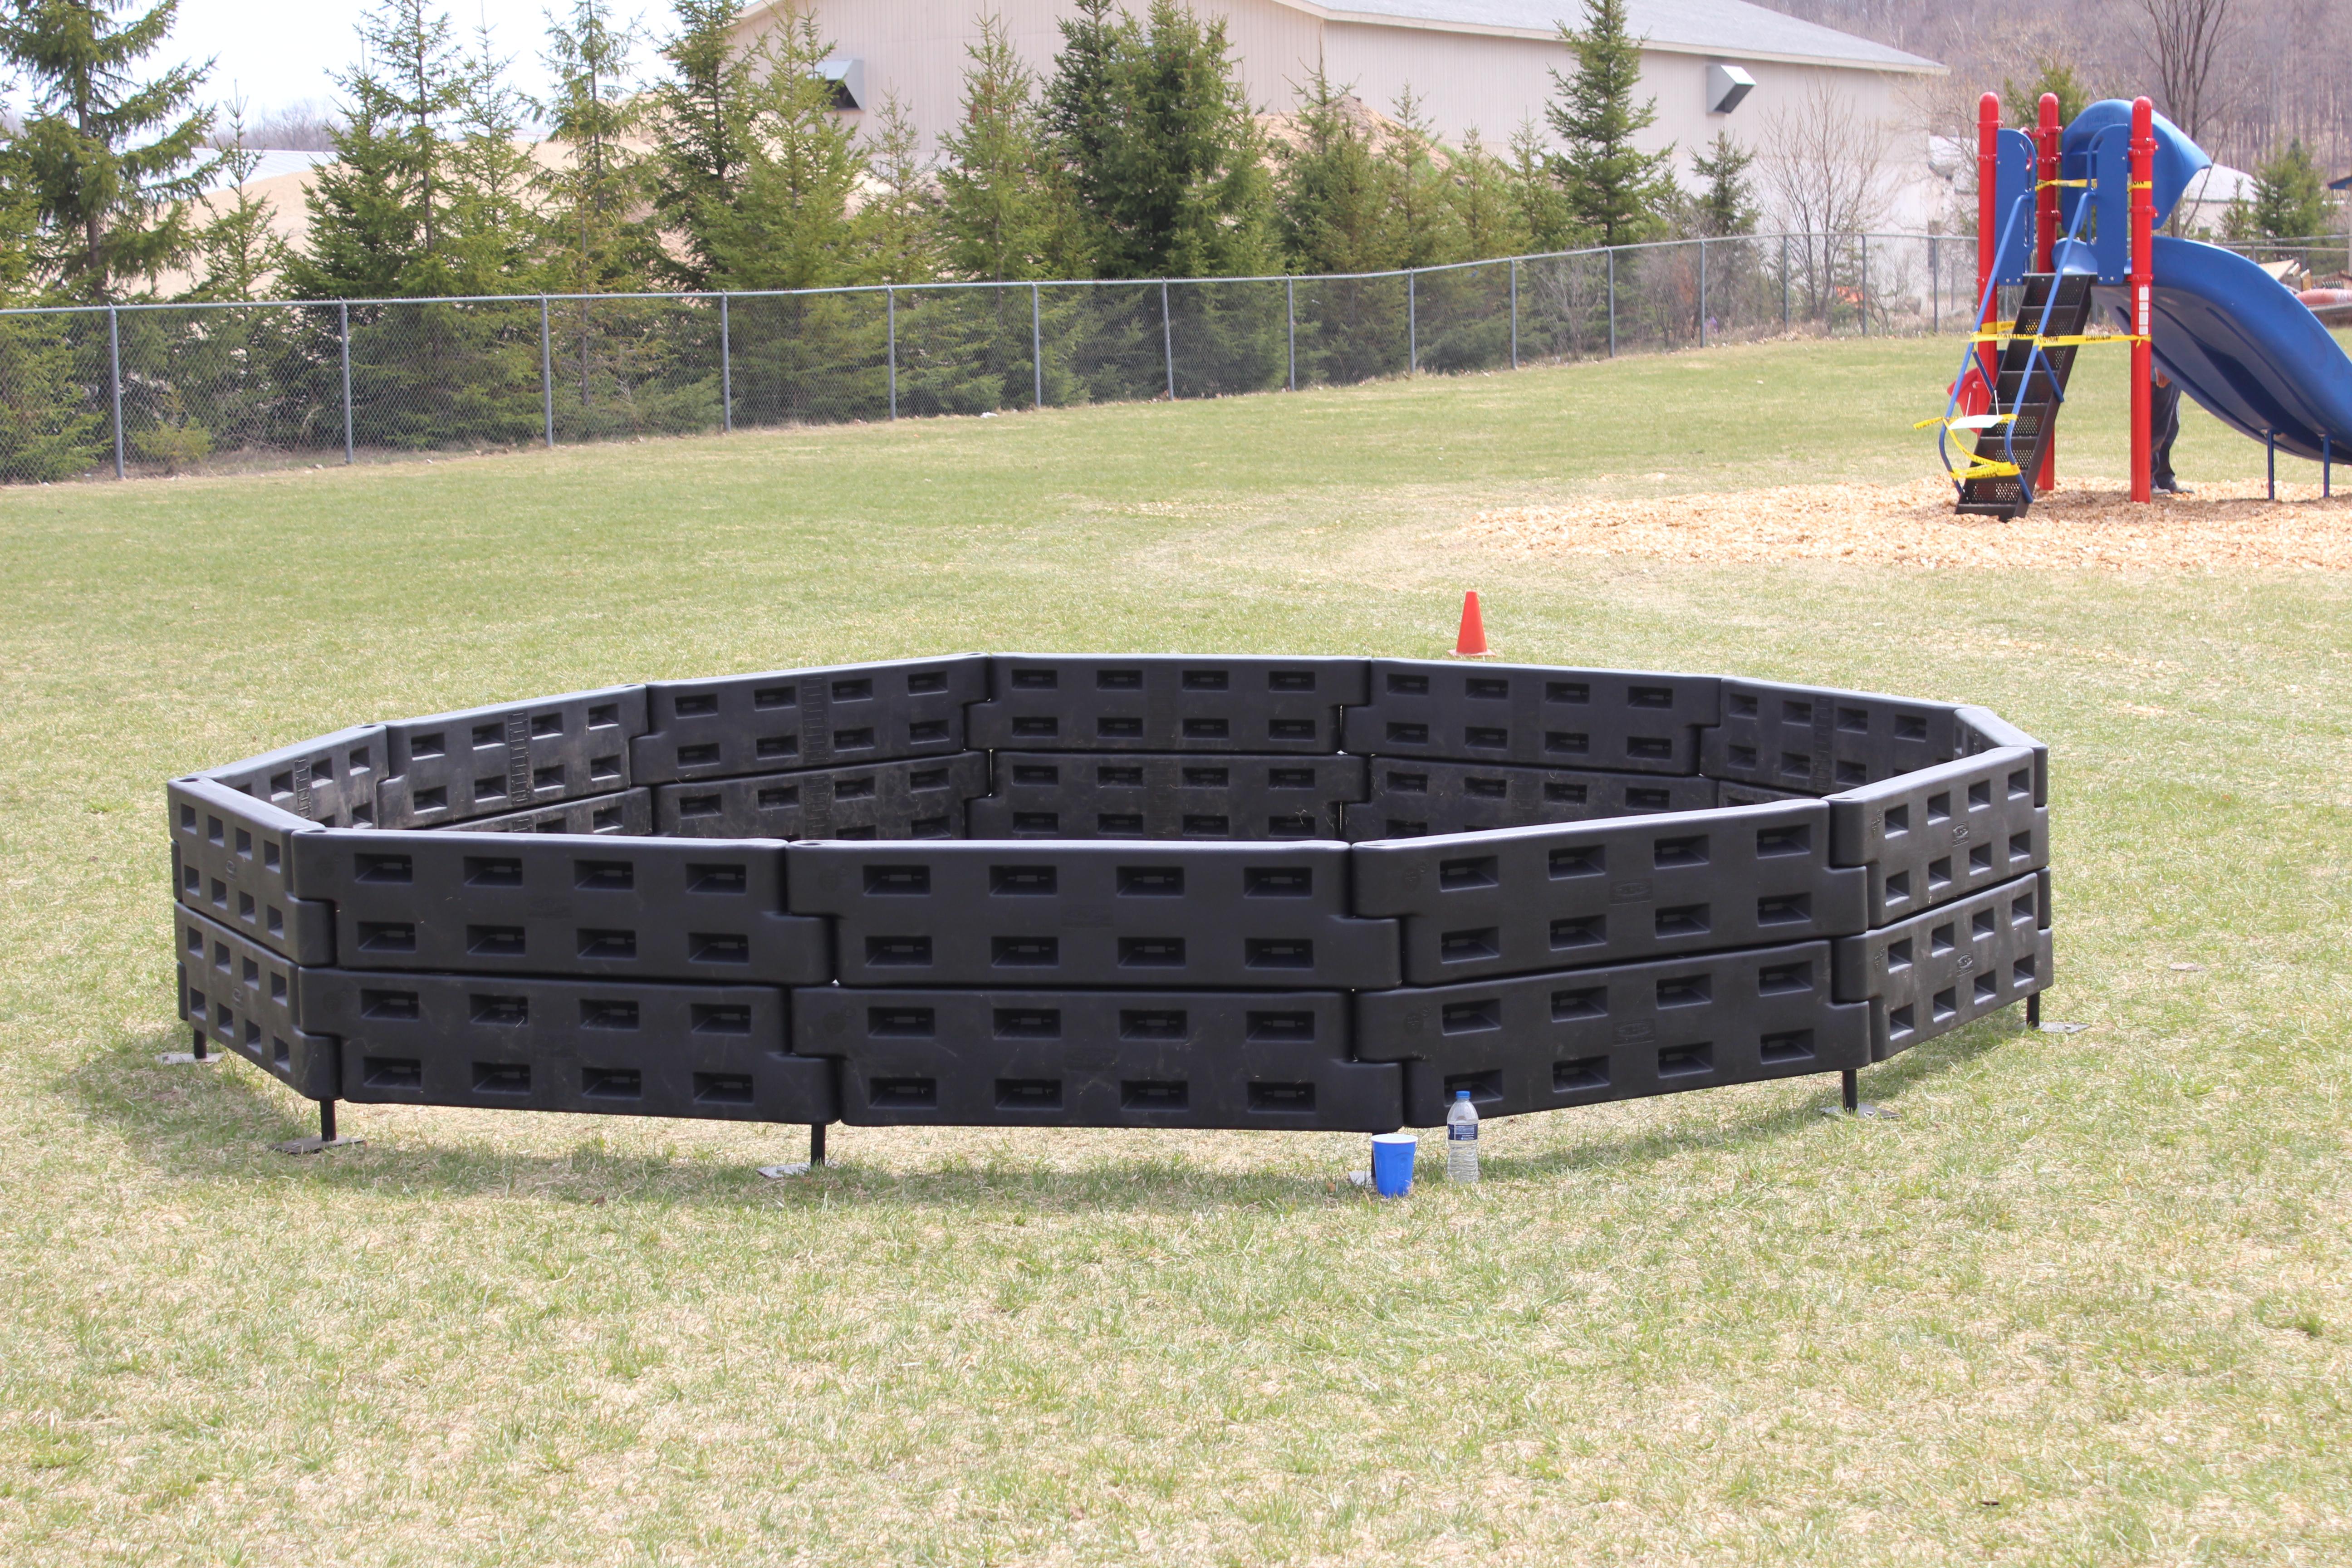 Gaga-ball-pit